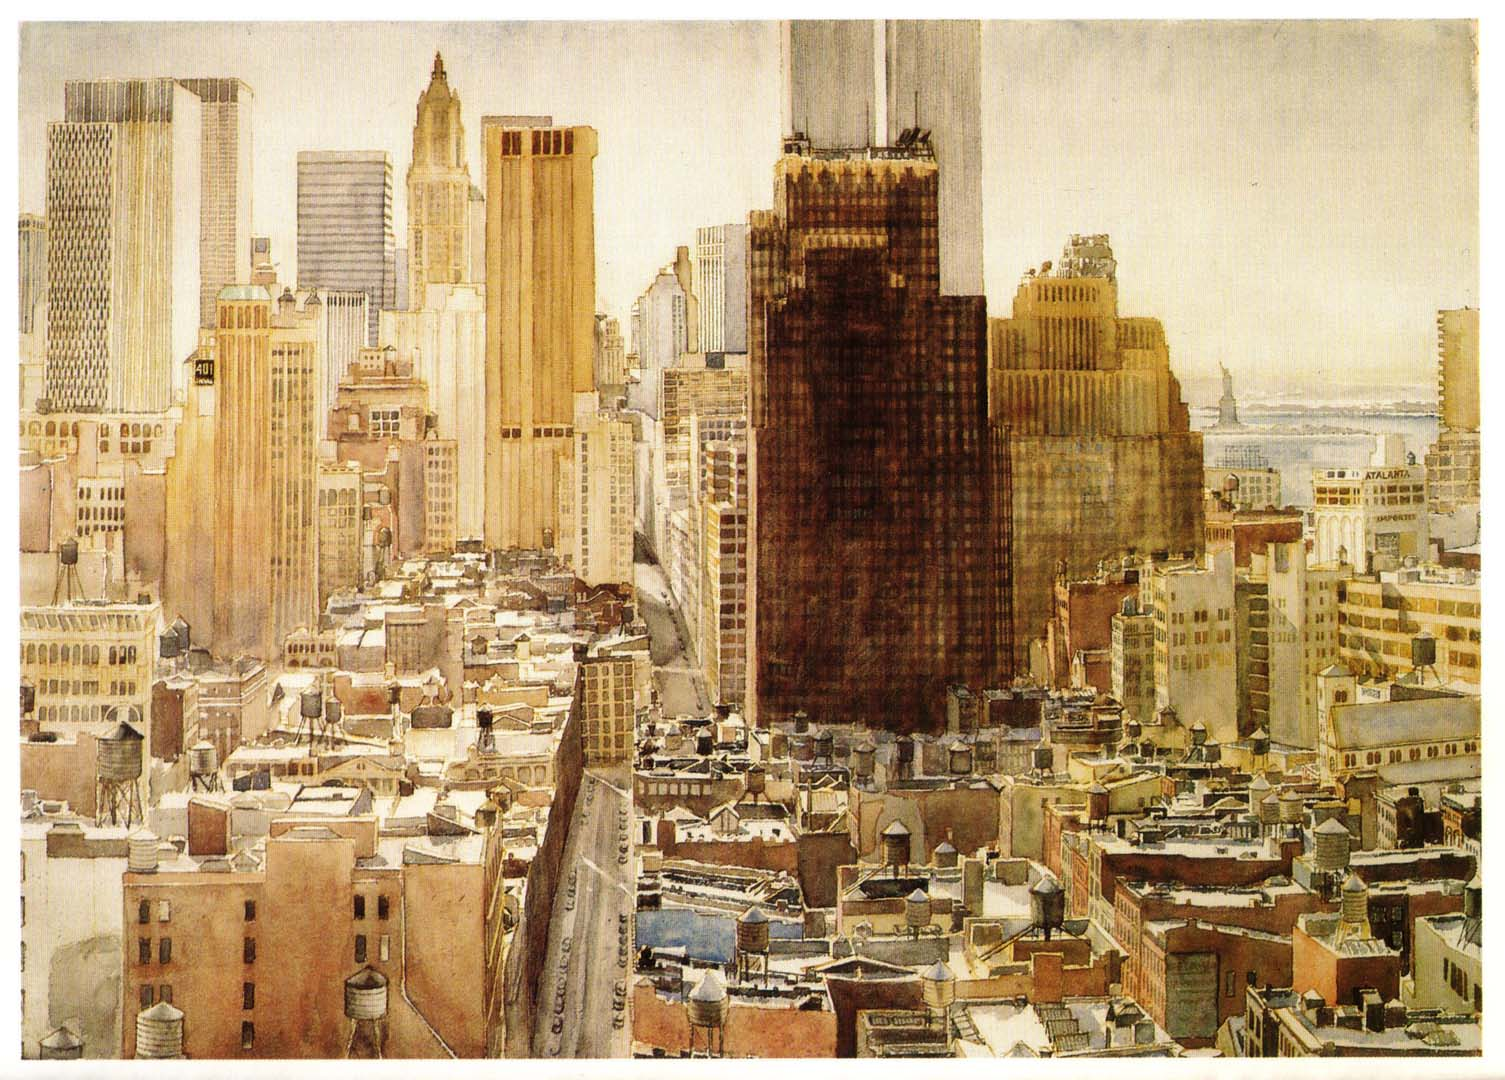 1976 View over SoHo